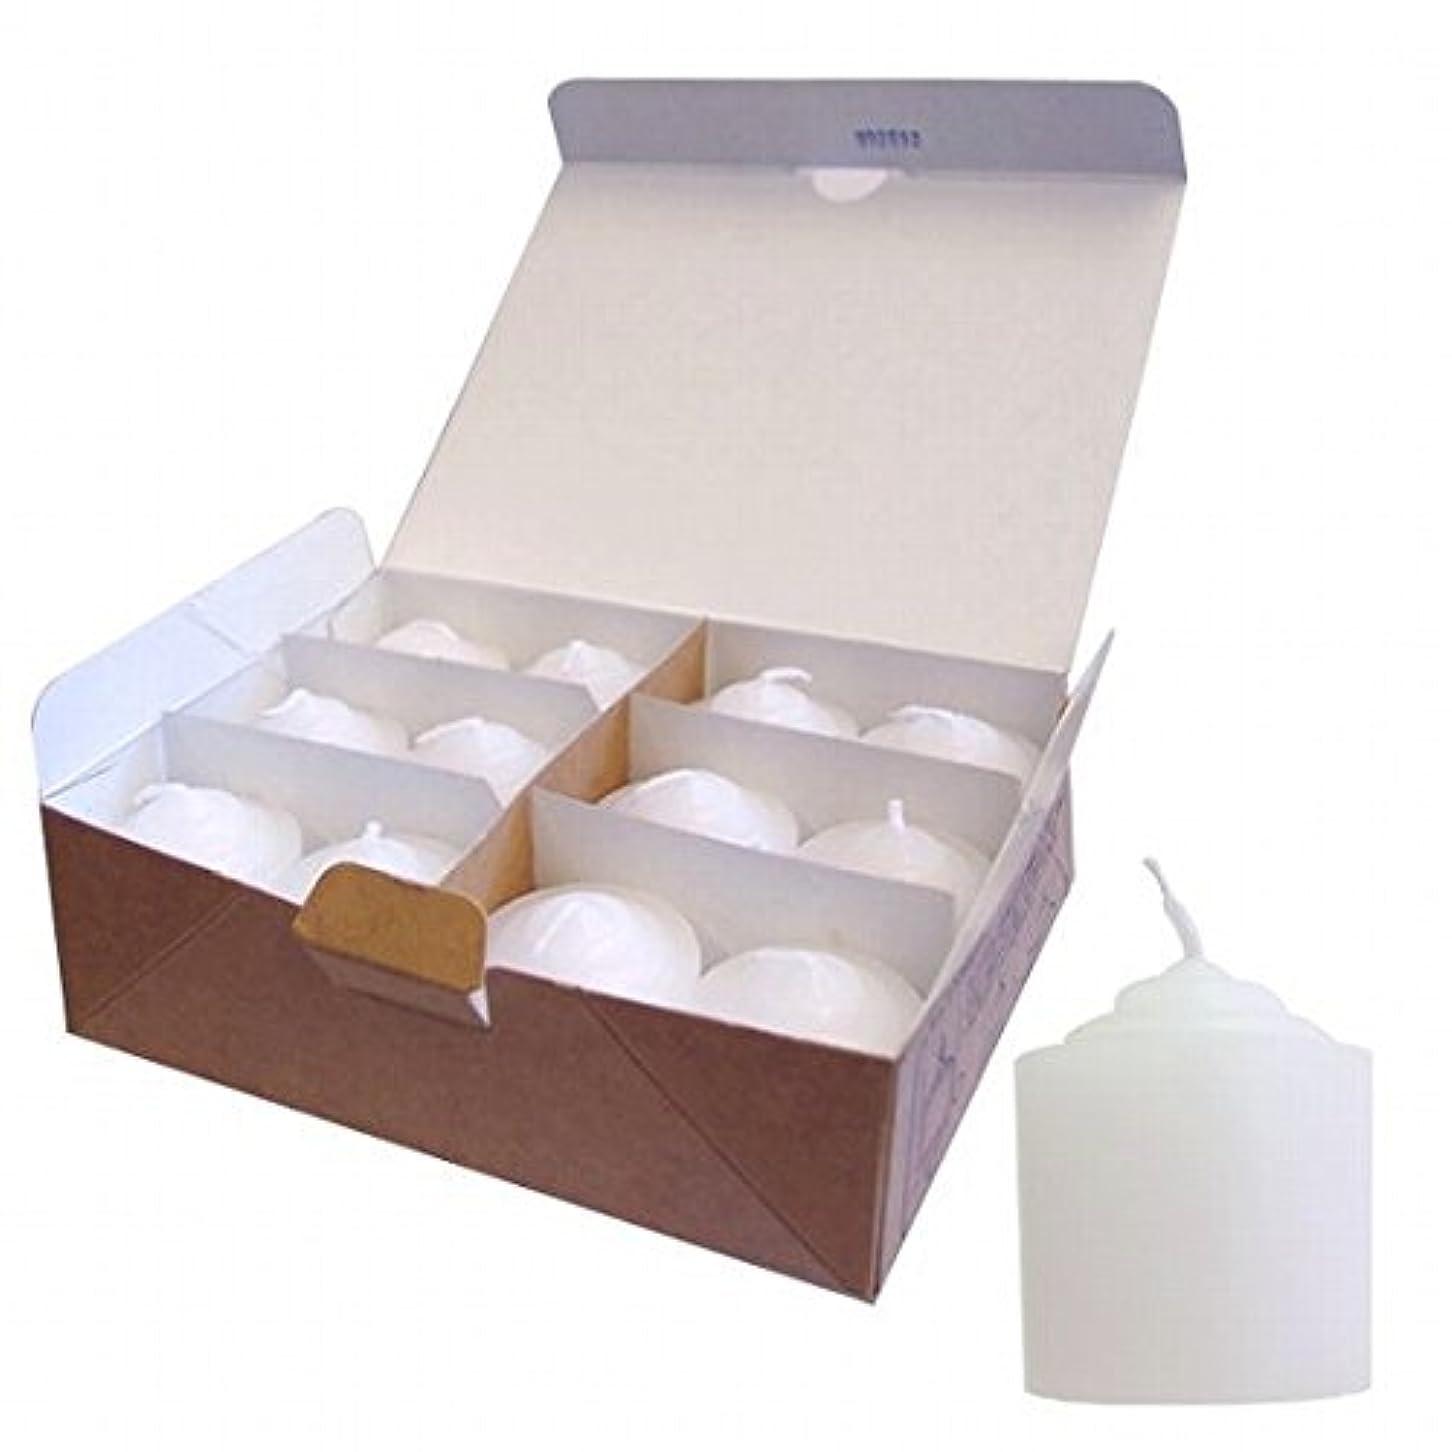 上院議員裕福なピークカメヤマキャンドル( kameyama candle ) 8Hライト(8時間タイプ)12個入り